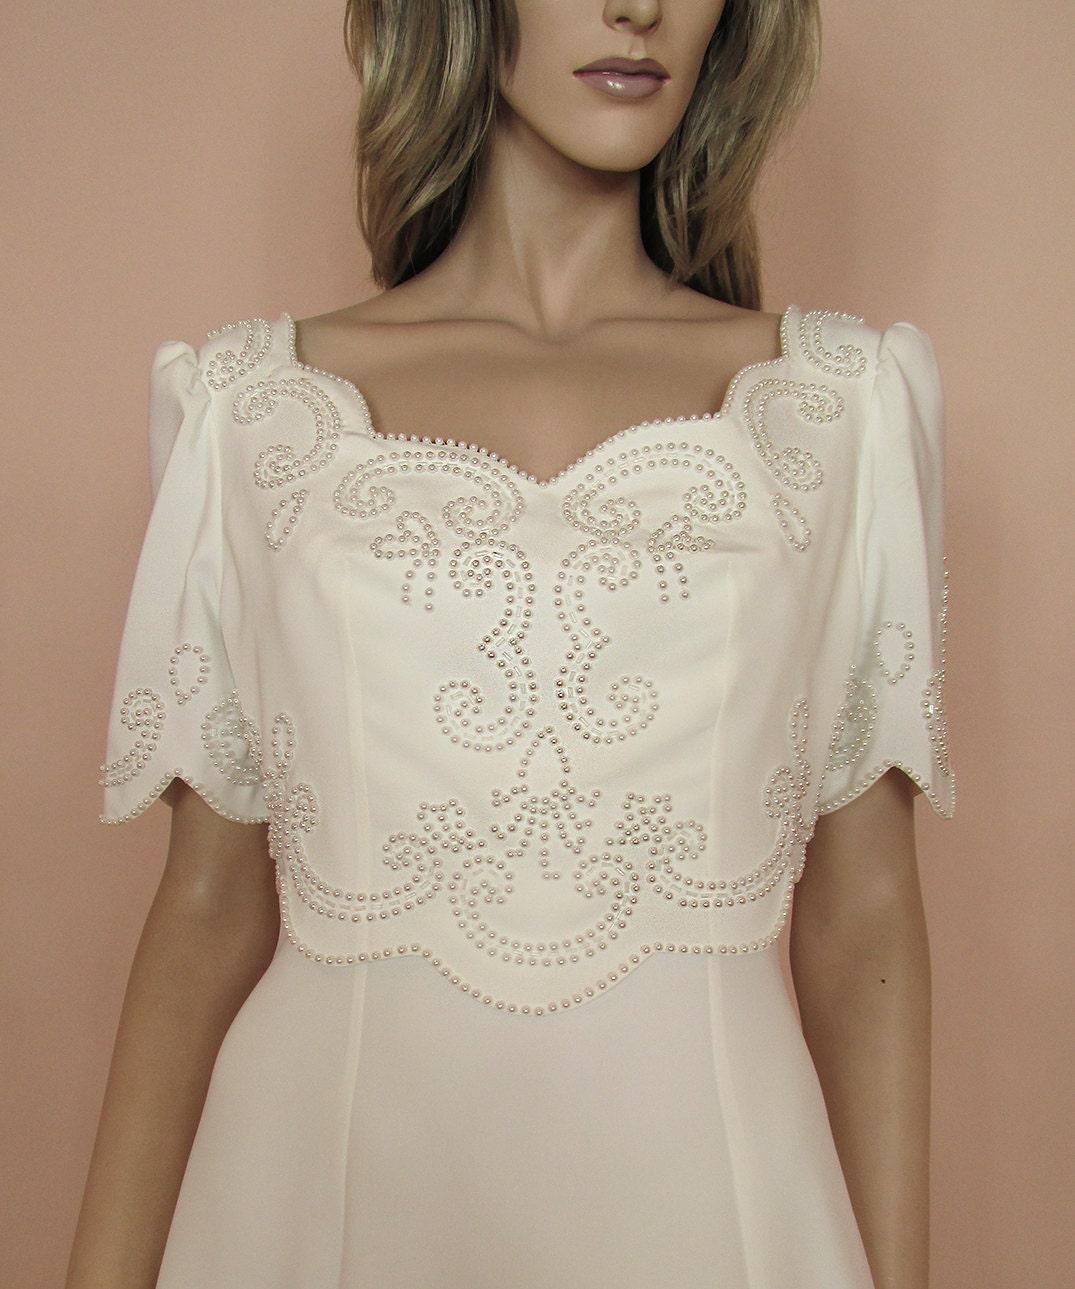 Nett Viktorianischen Stil Brautkleid Bilder - Brautkleider Ideen ...